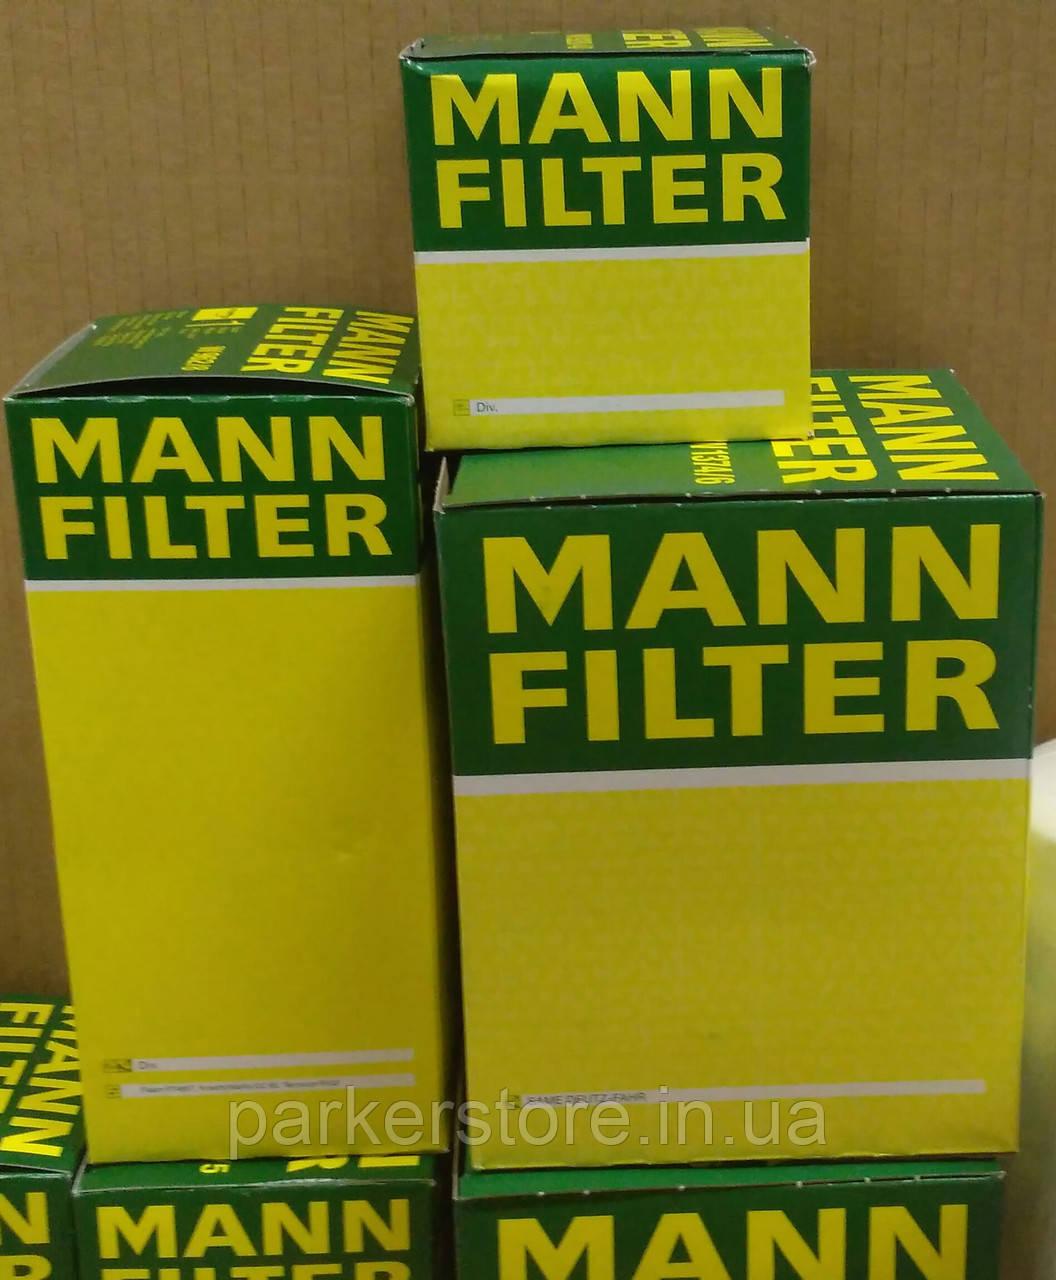 MANN FILTER / Повітряний фільтр / C 14 139 / C14139